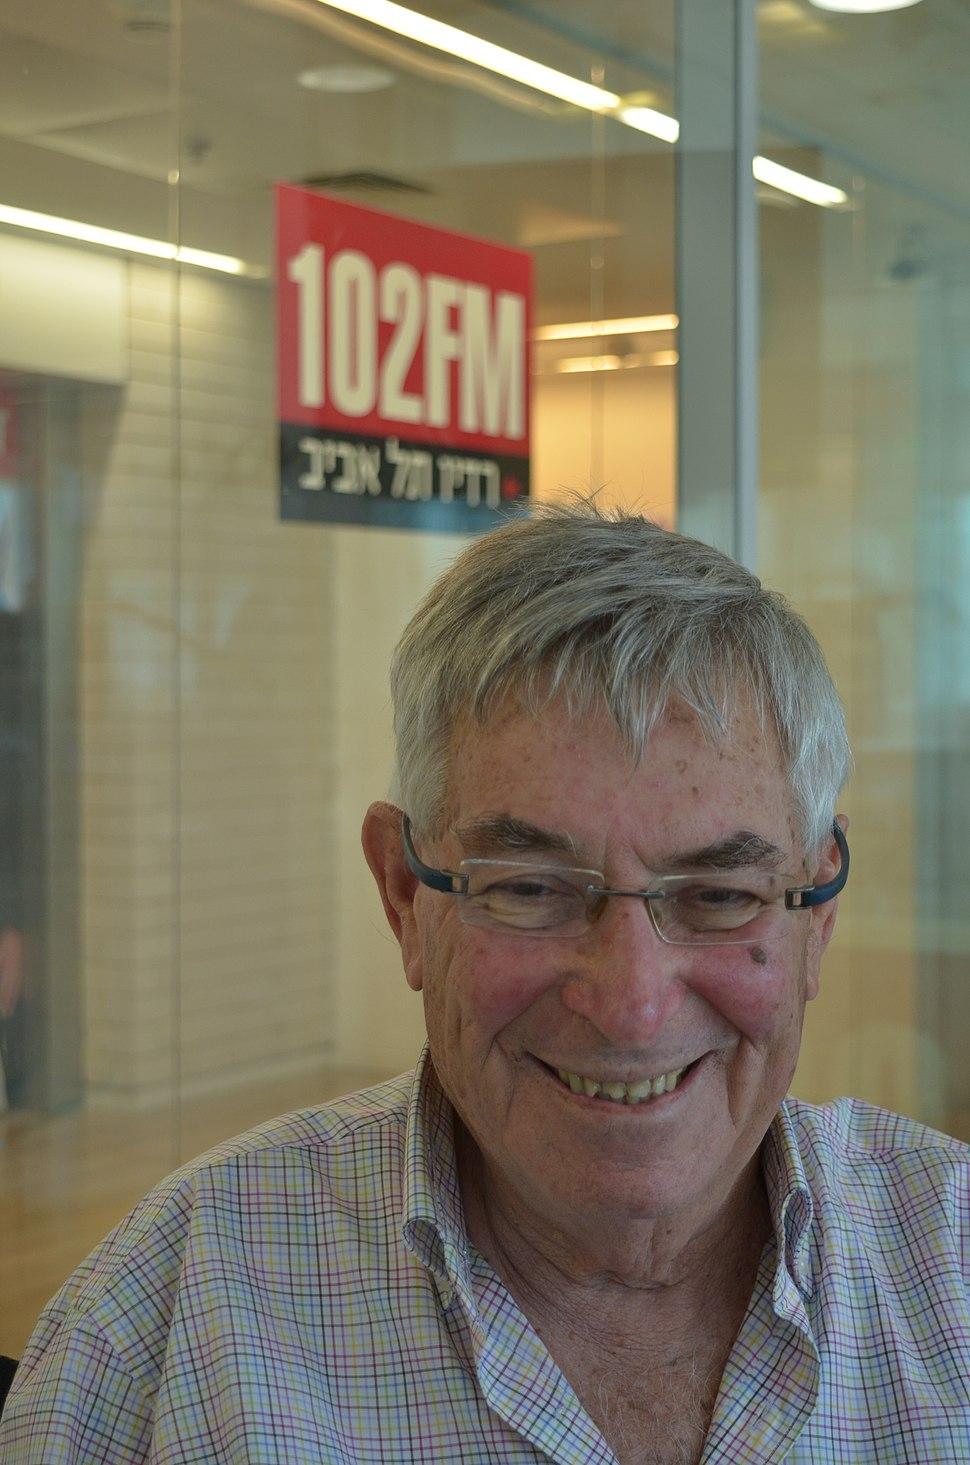 יצחק לבני באולפן רדיו תל אביב